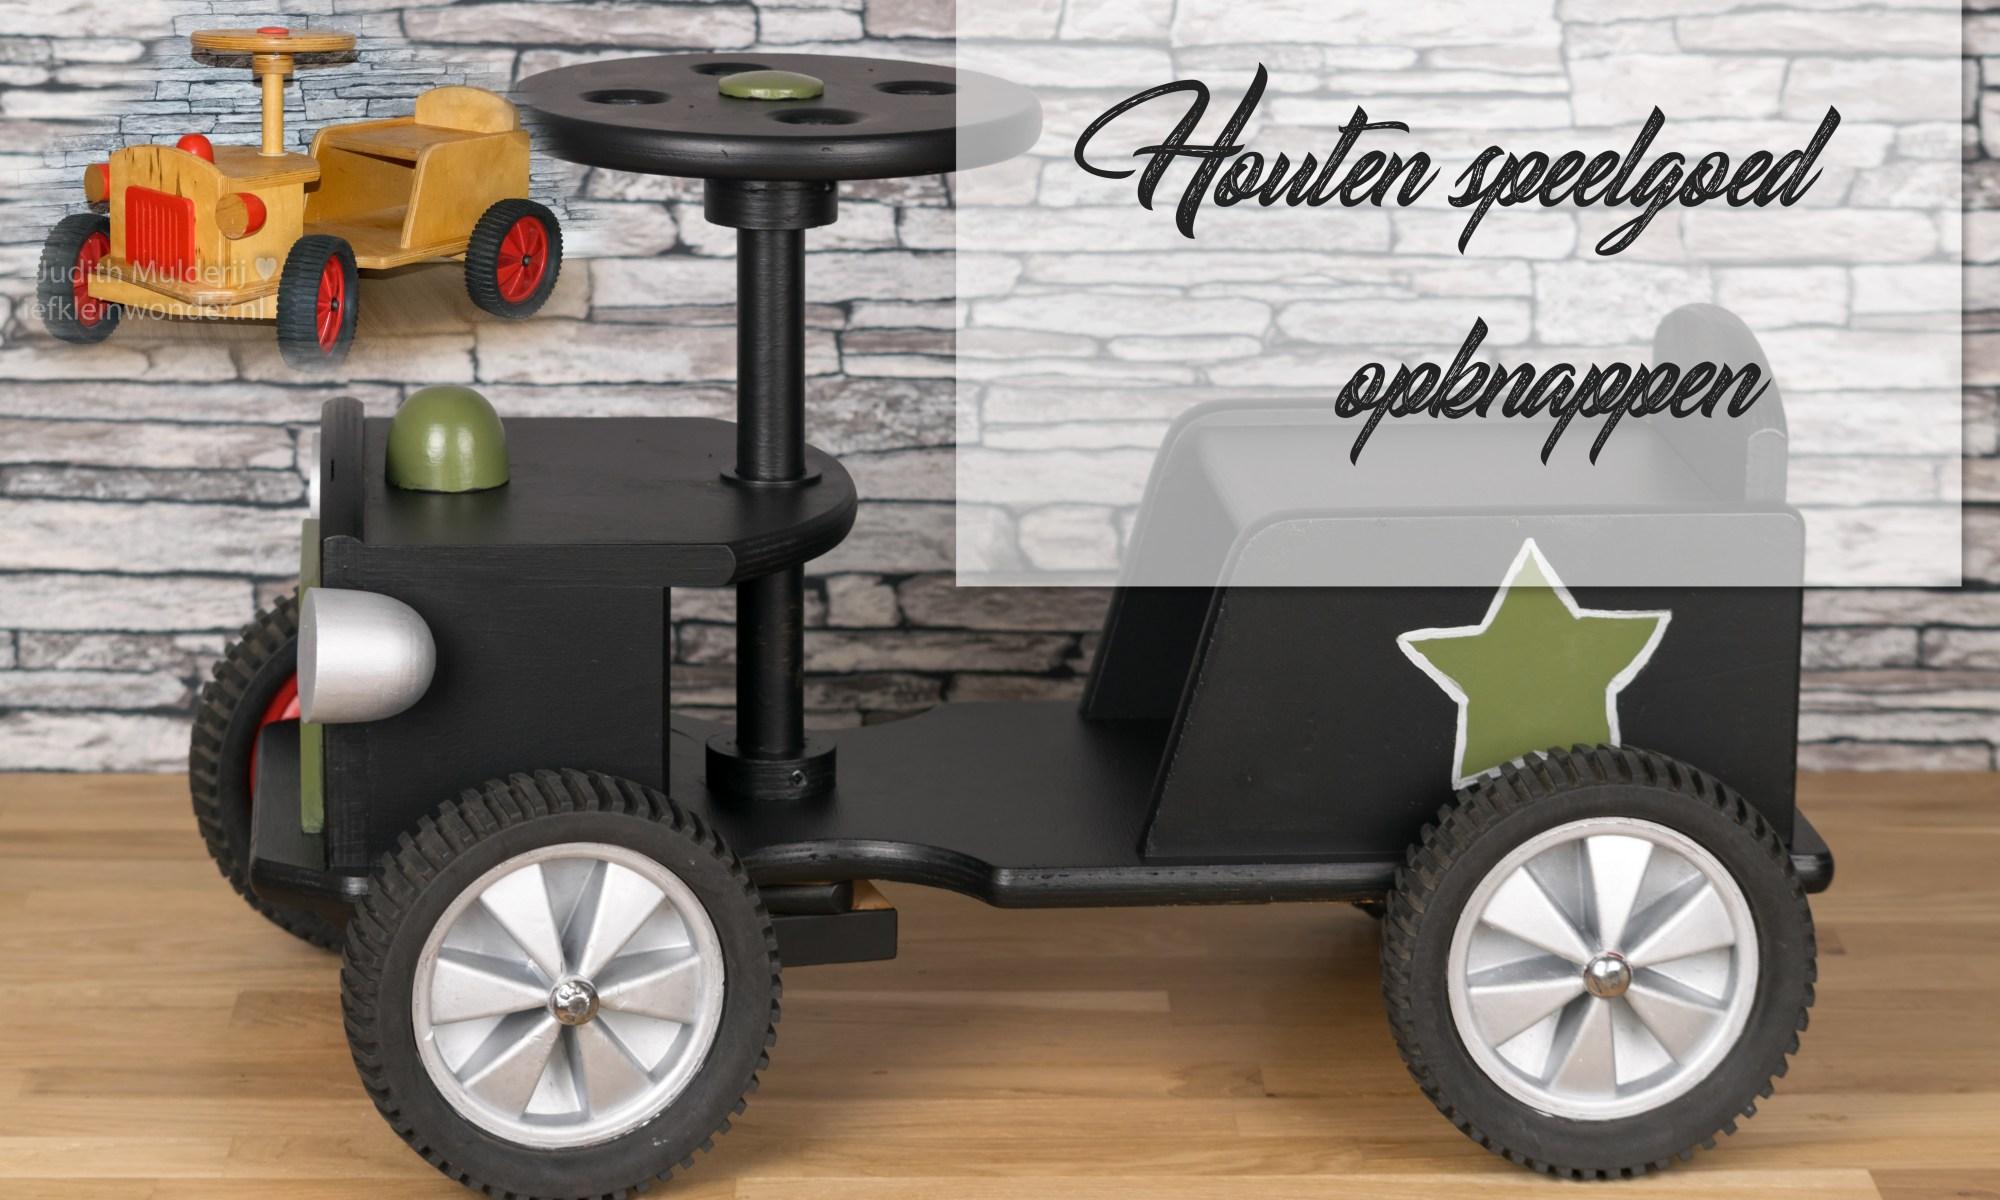 Houten speelgoed opknappen schilderen verfen verf hout auto